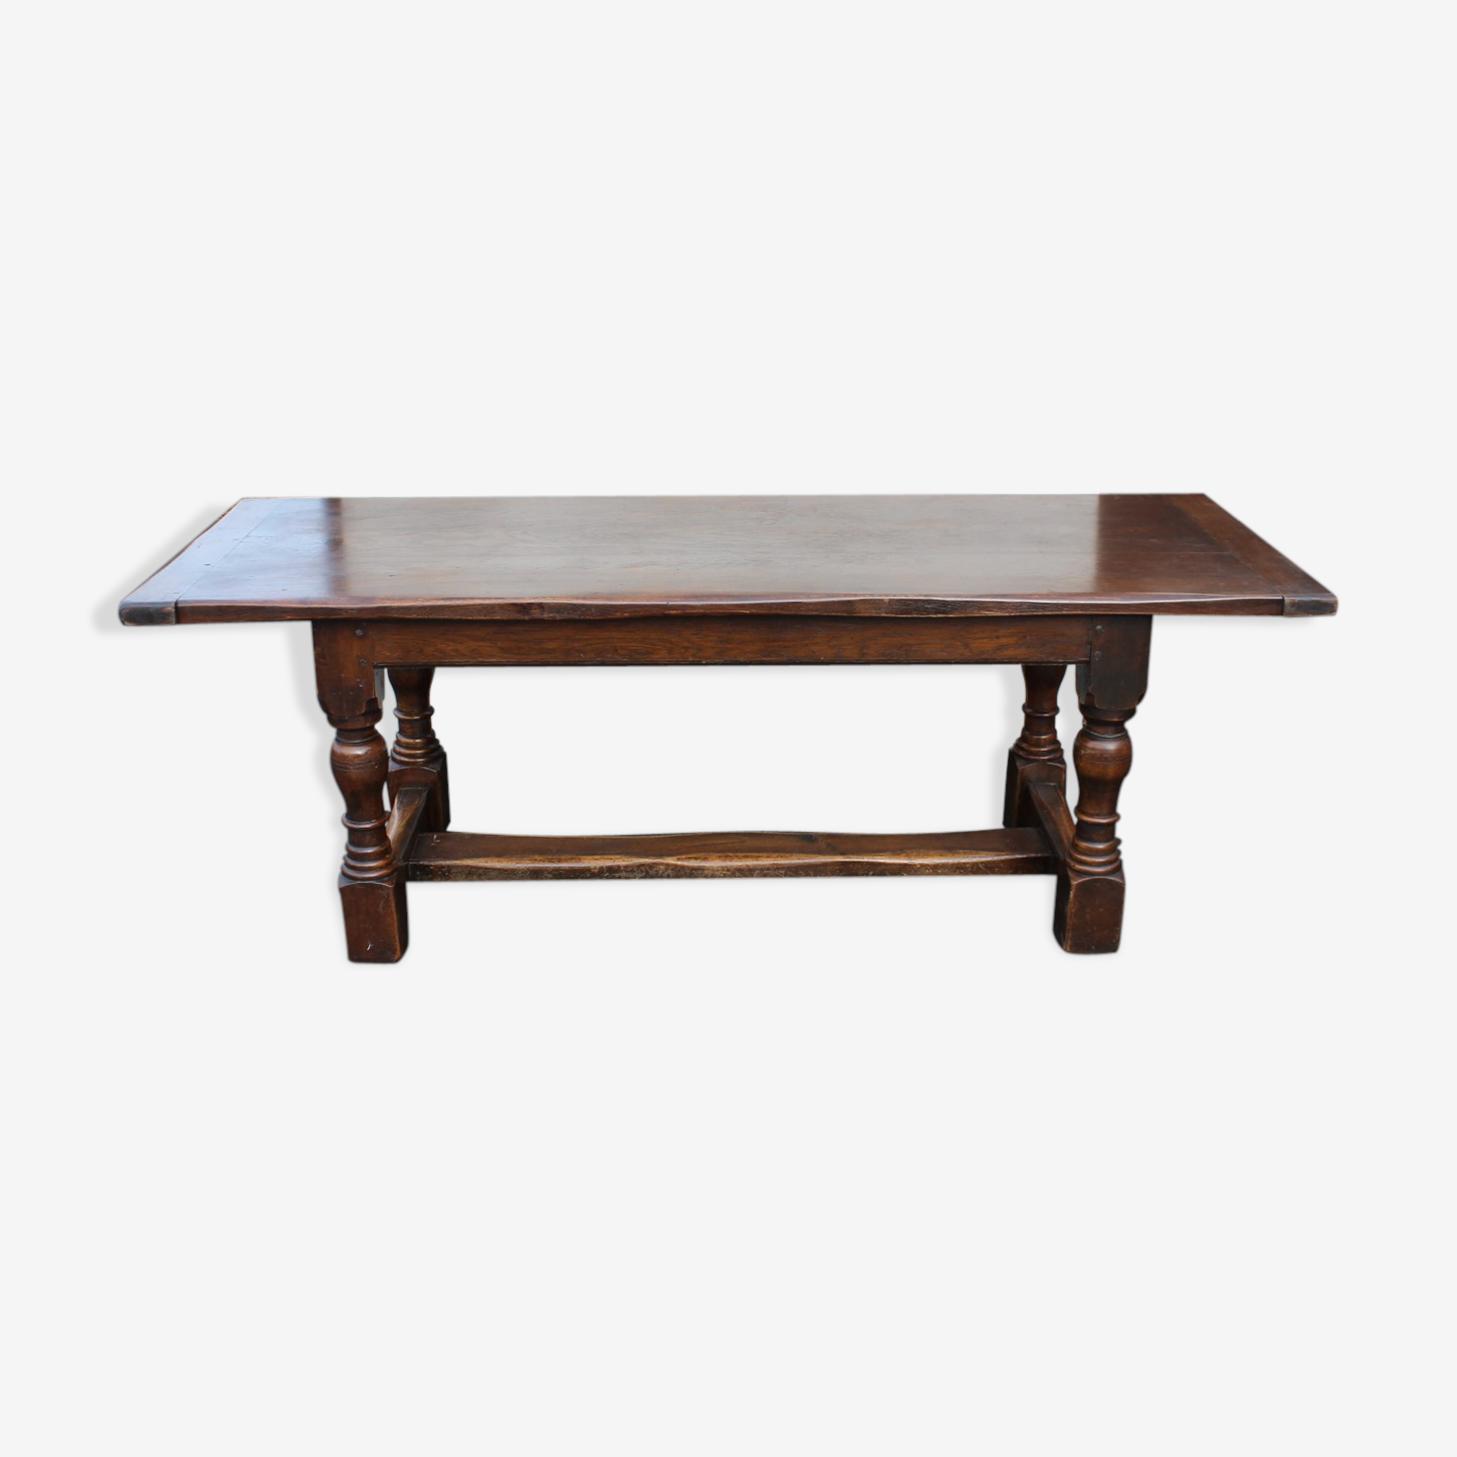 Table réfectoire en chêne